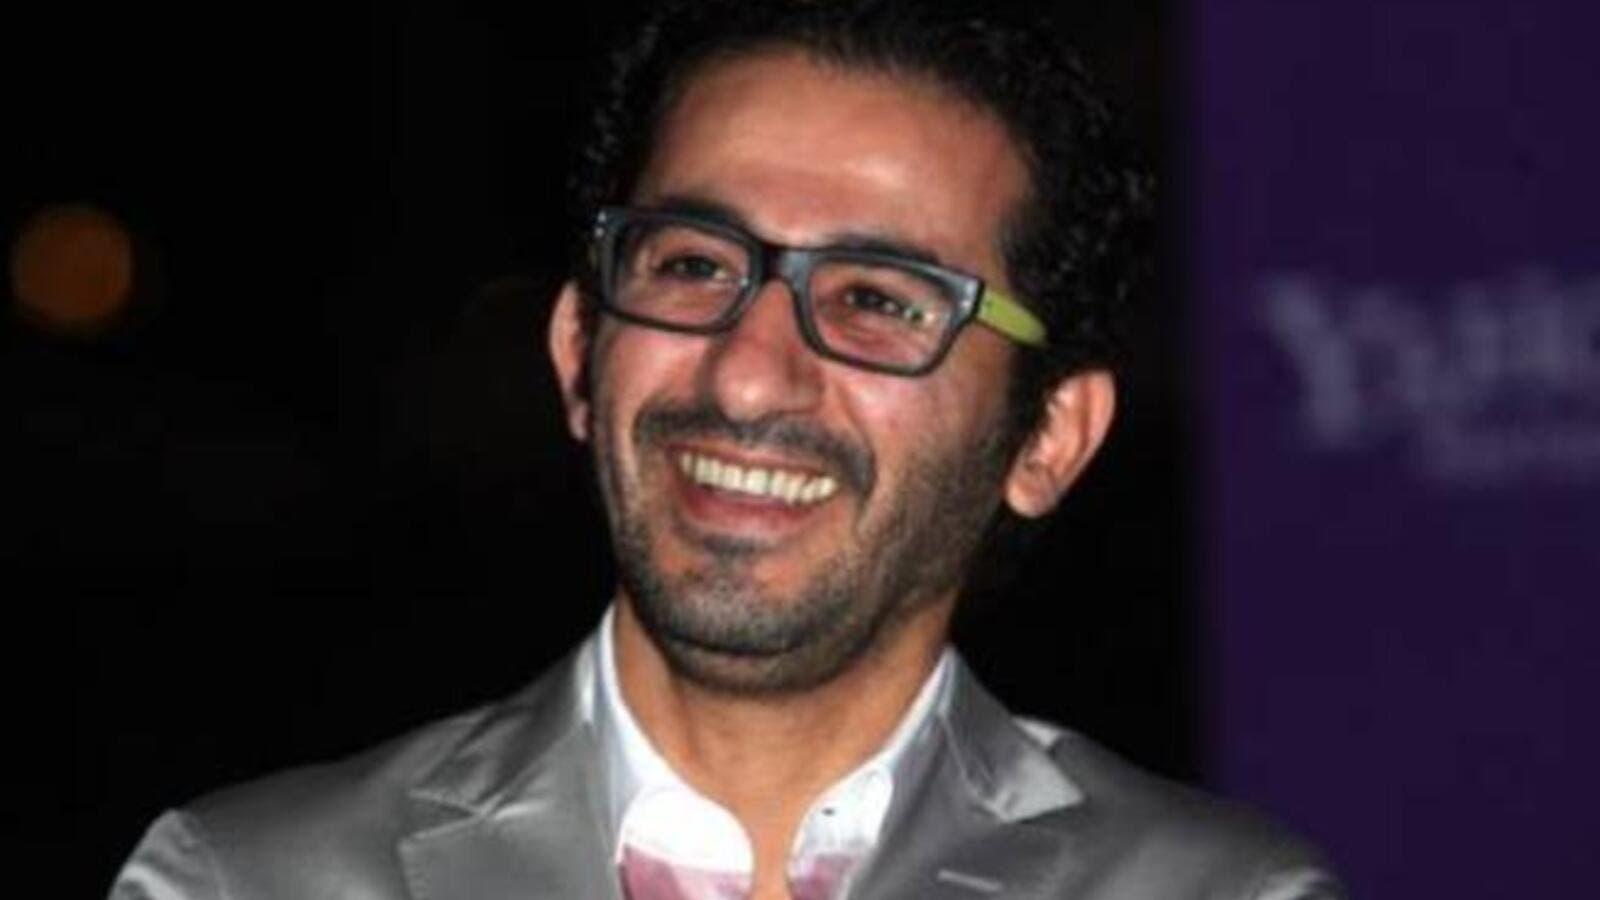 الفنان أحمد حلمييستعد لفيلم جديد مع المخرج عمرو سلامة